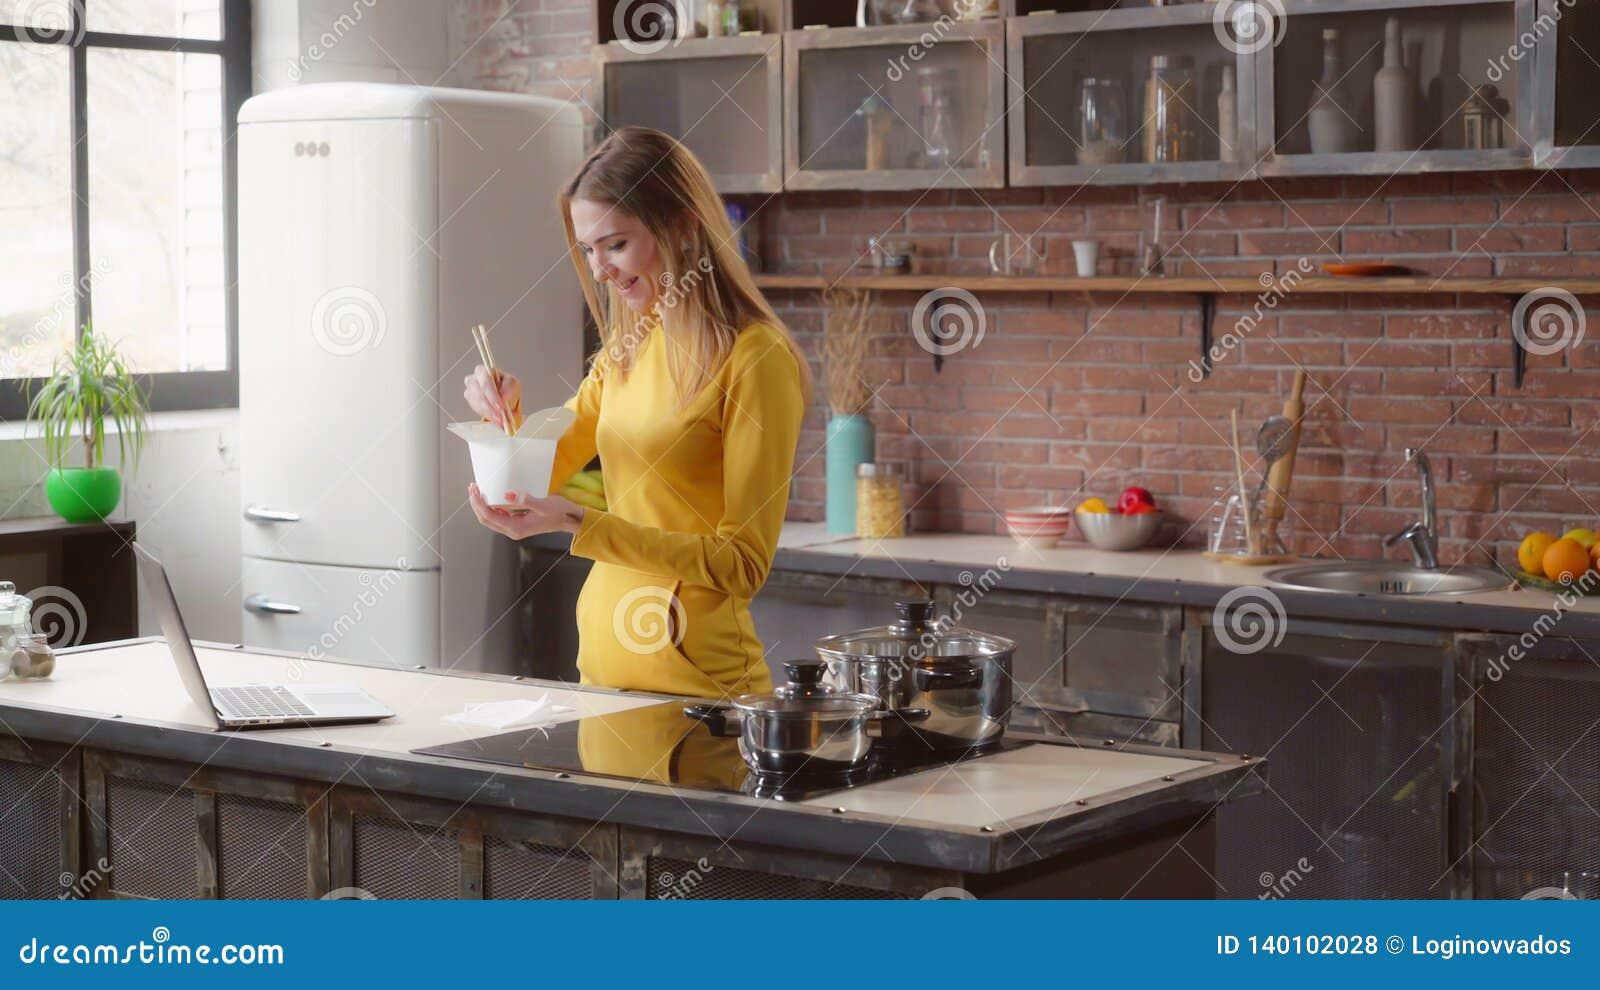 Lady enjoy asian cuisine in flat.